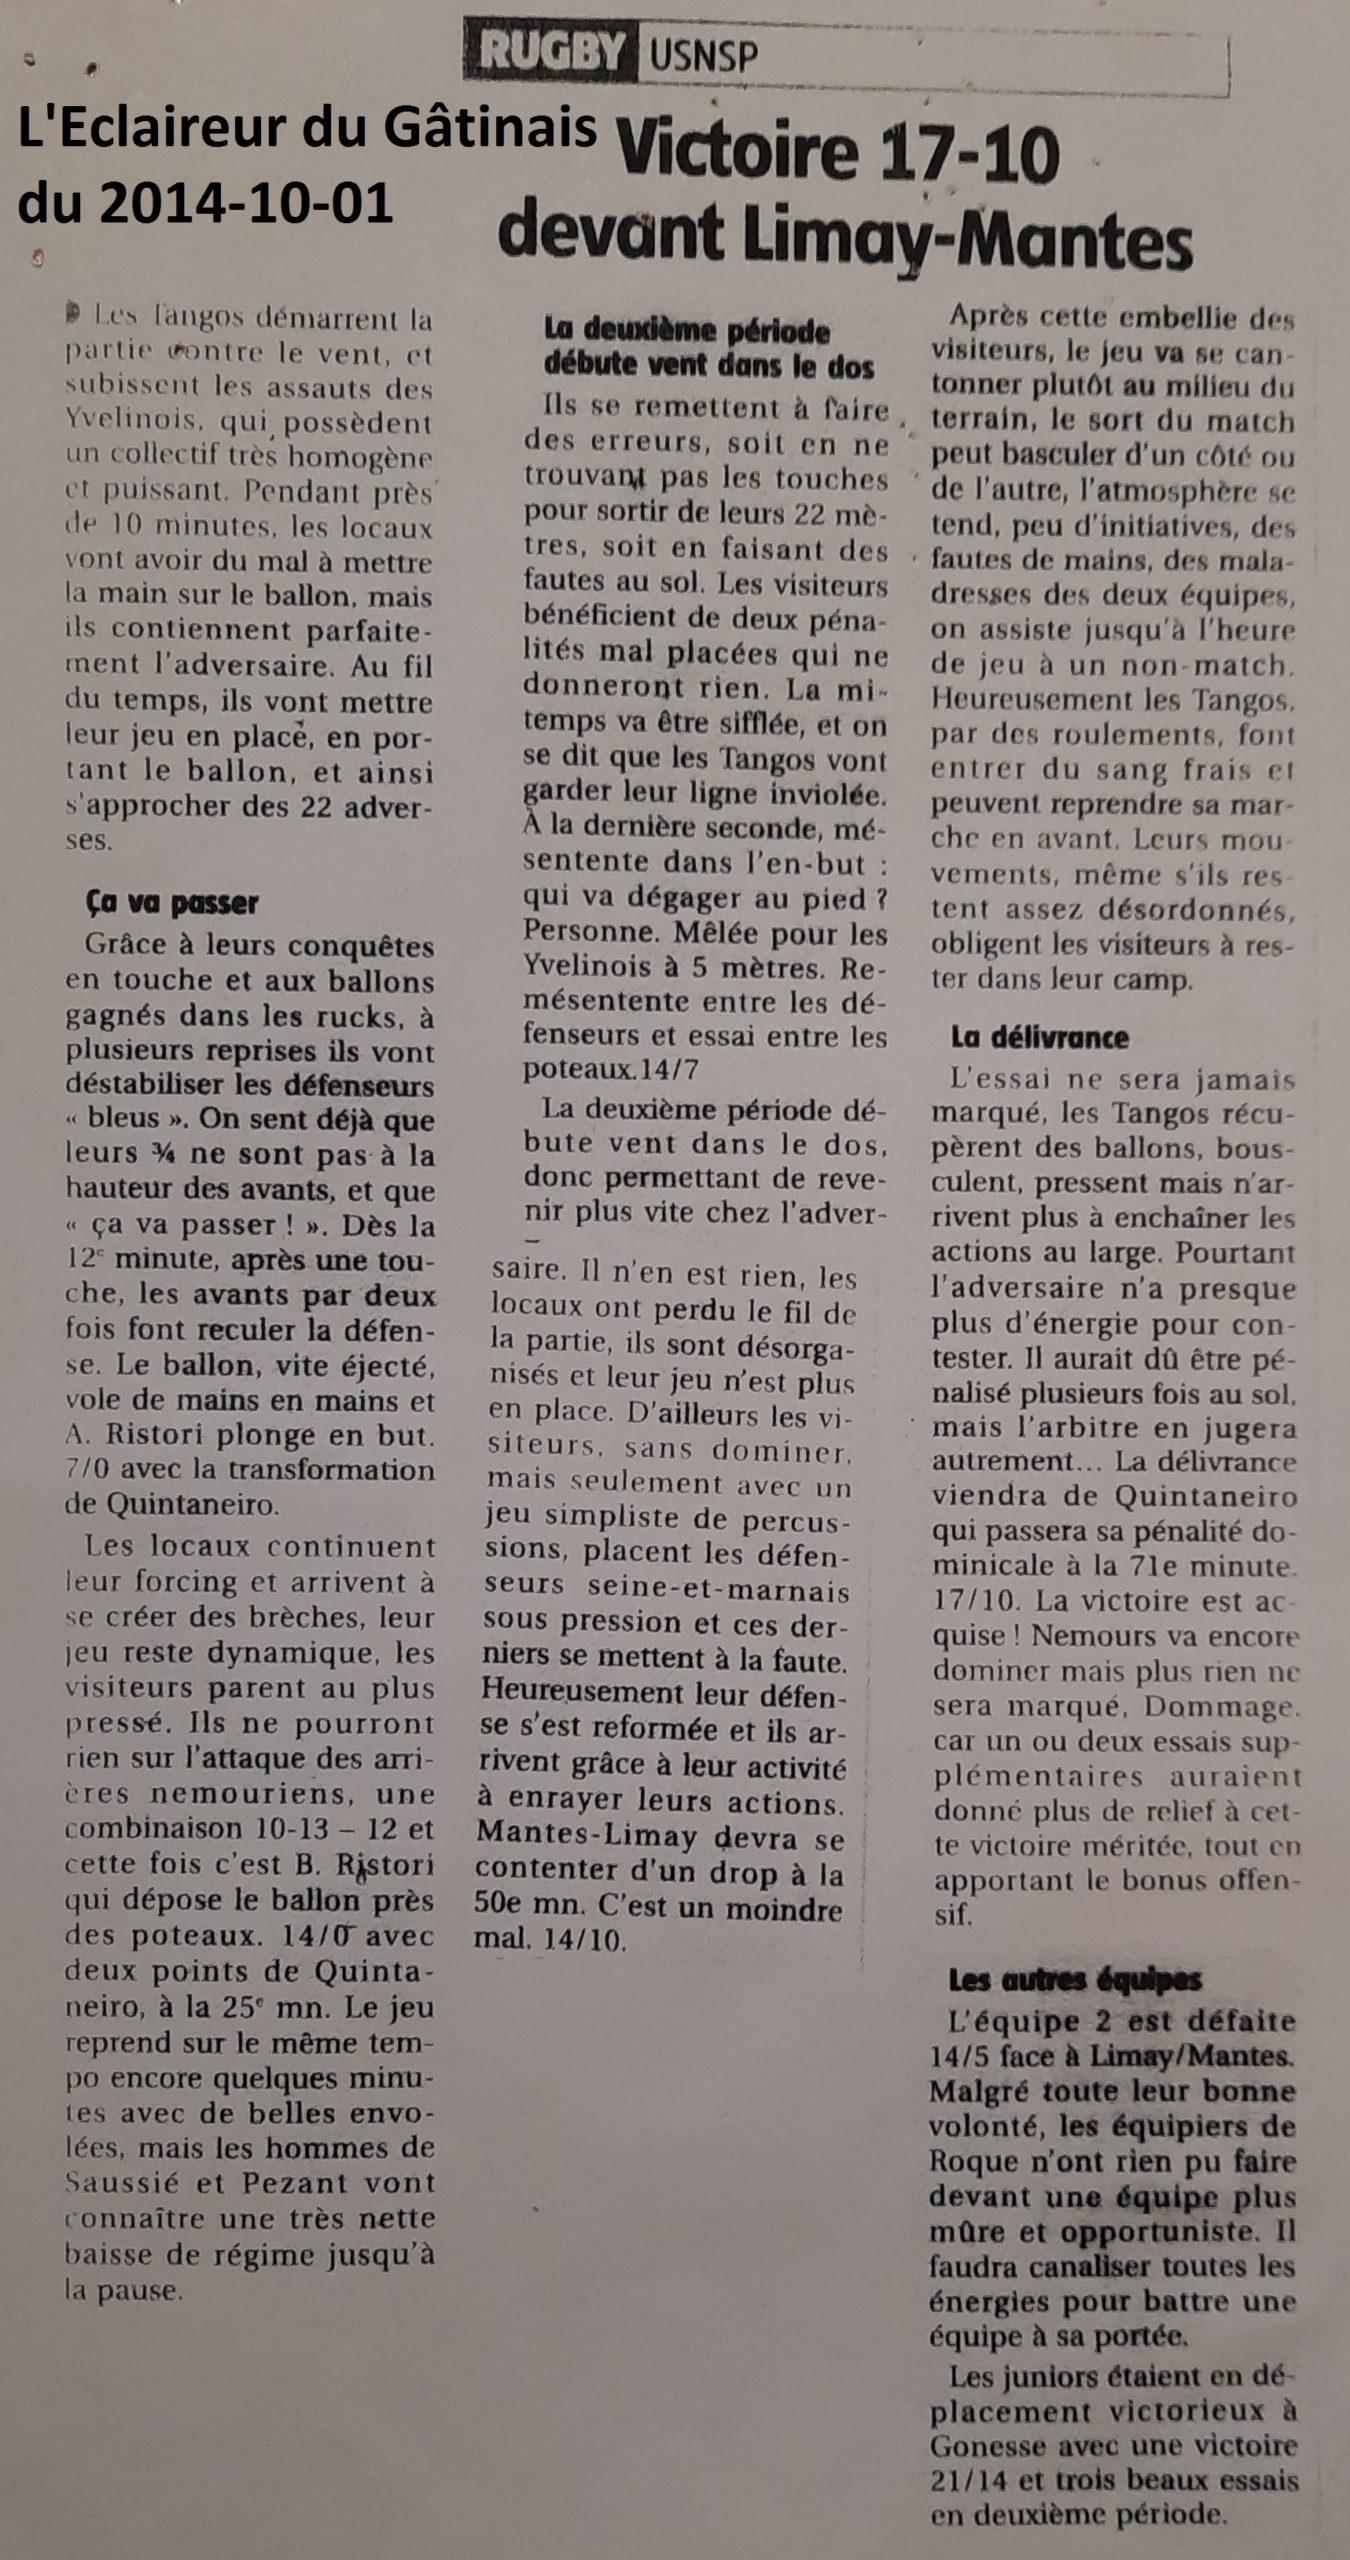 Eclaireur du Gâtinais 2014-10-01